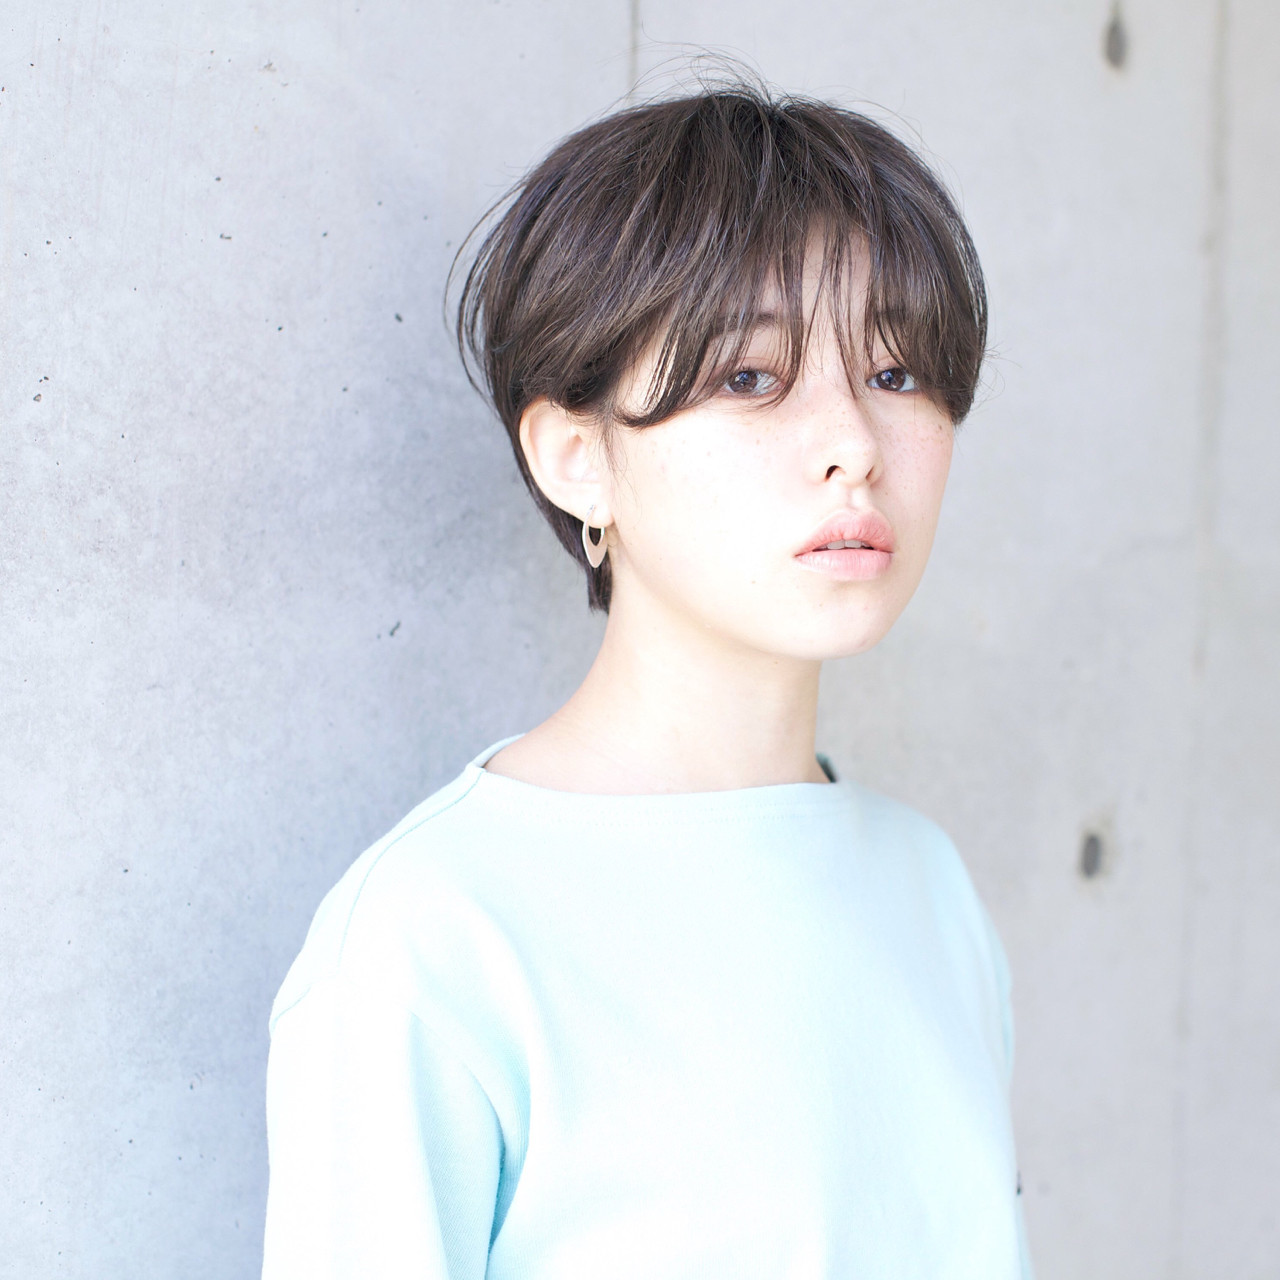 グレージュ 似合わせ 外国人風カラー アッシュ ヘアスタイルや髪型の写真・画像 | 佐脇 正徳 / LOAVE AOYAMA(ローヴ アオヤマ)